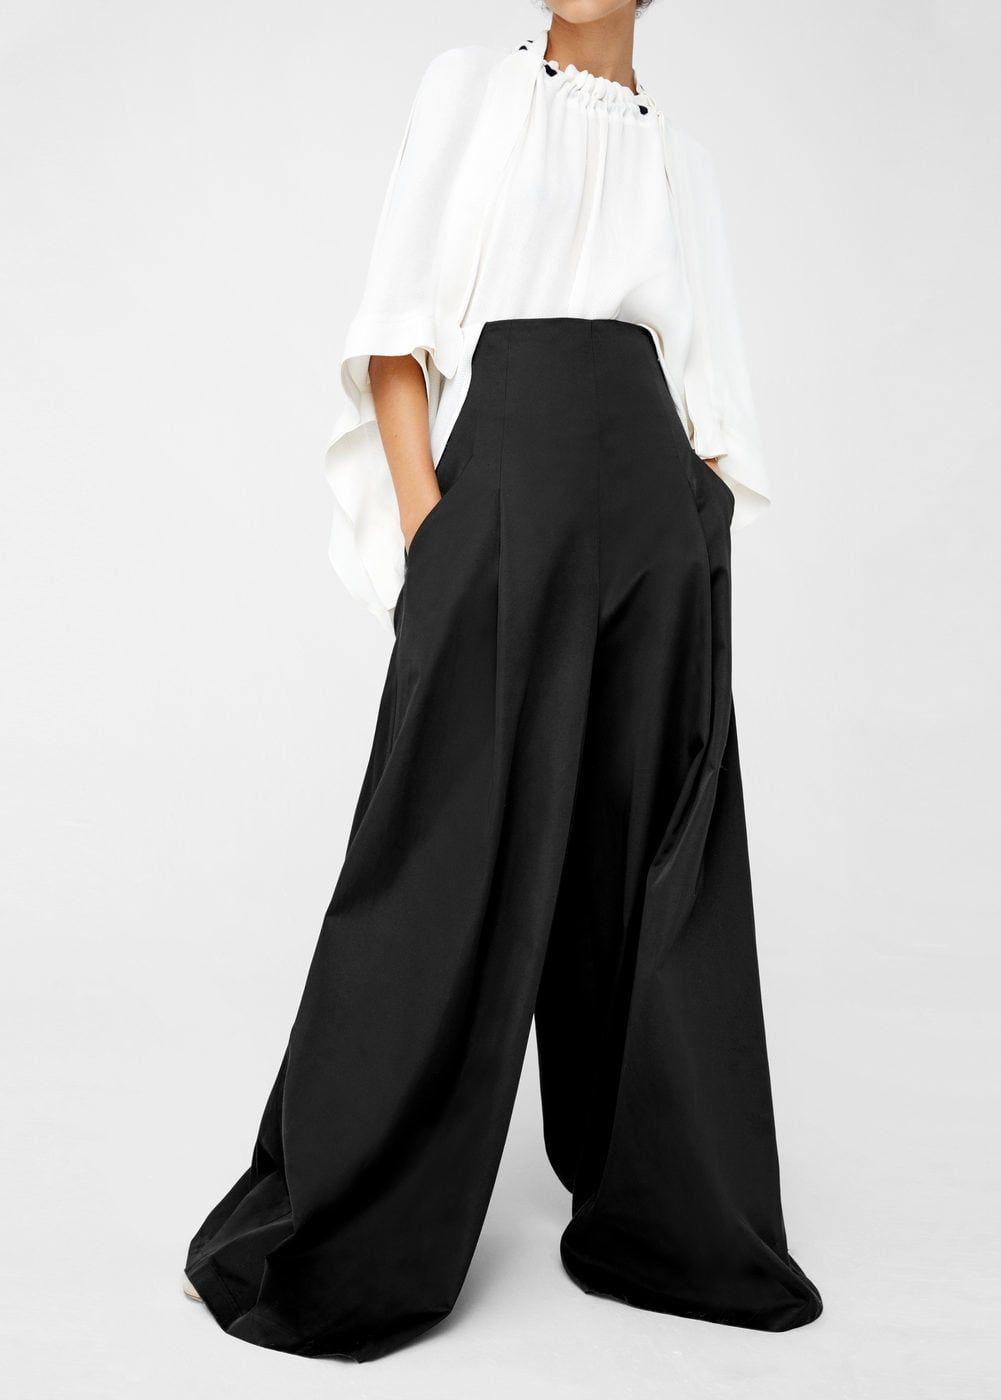 7d73956199 High-waist palazzo trousers - Women | Mango USA